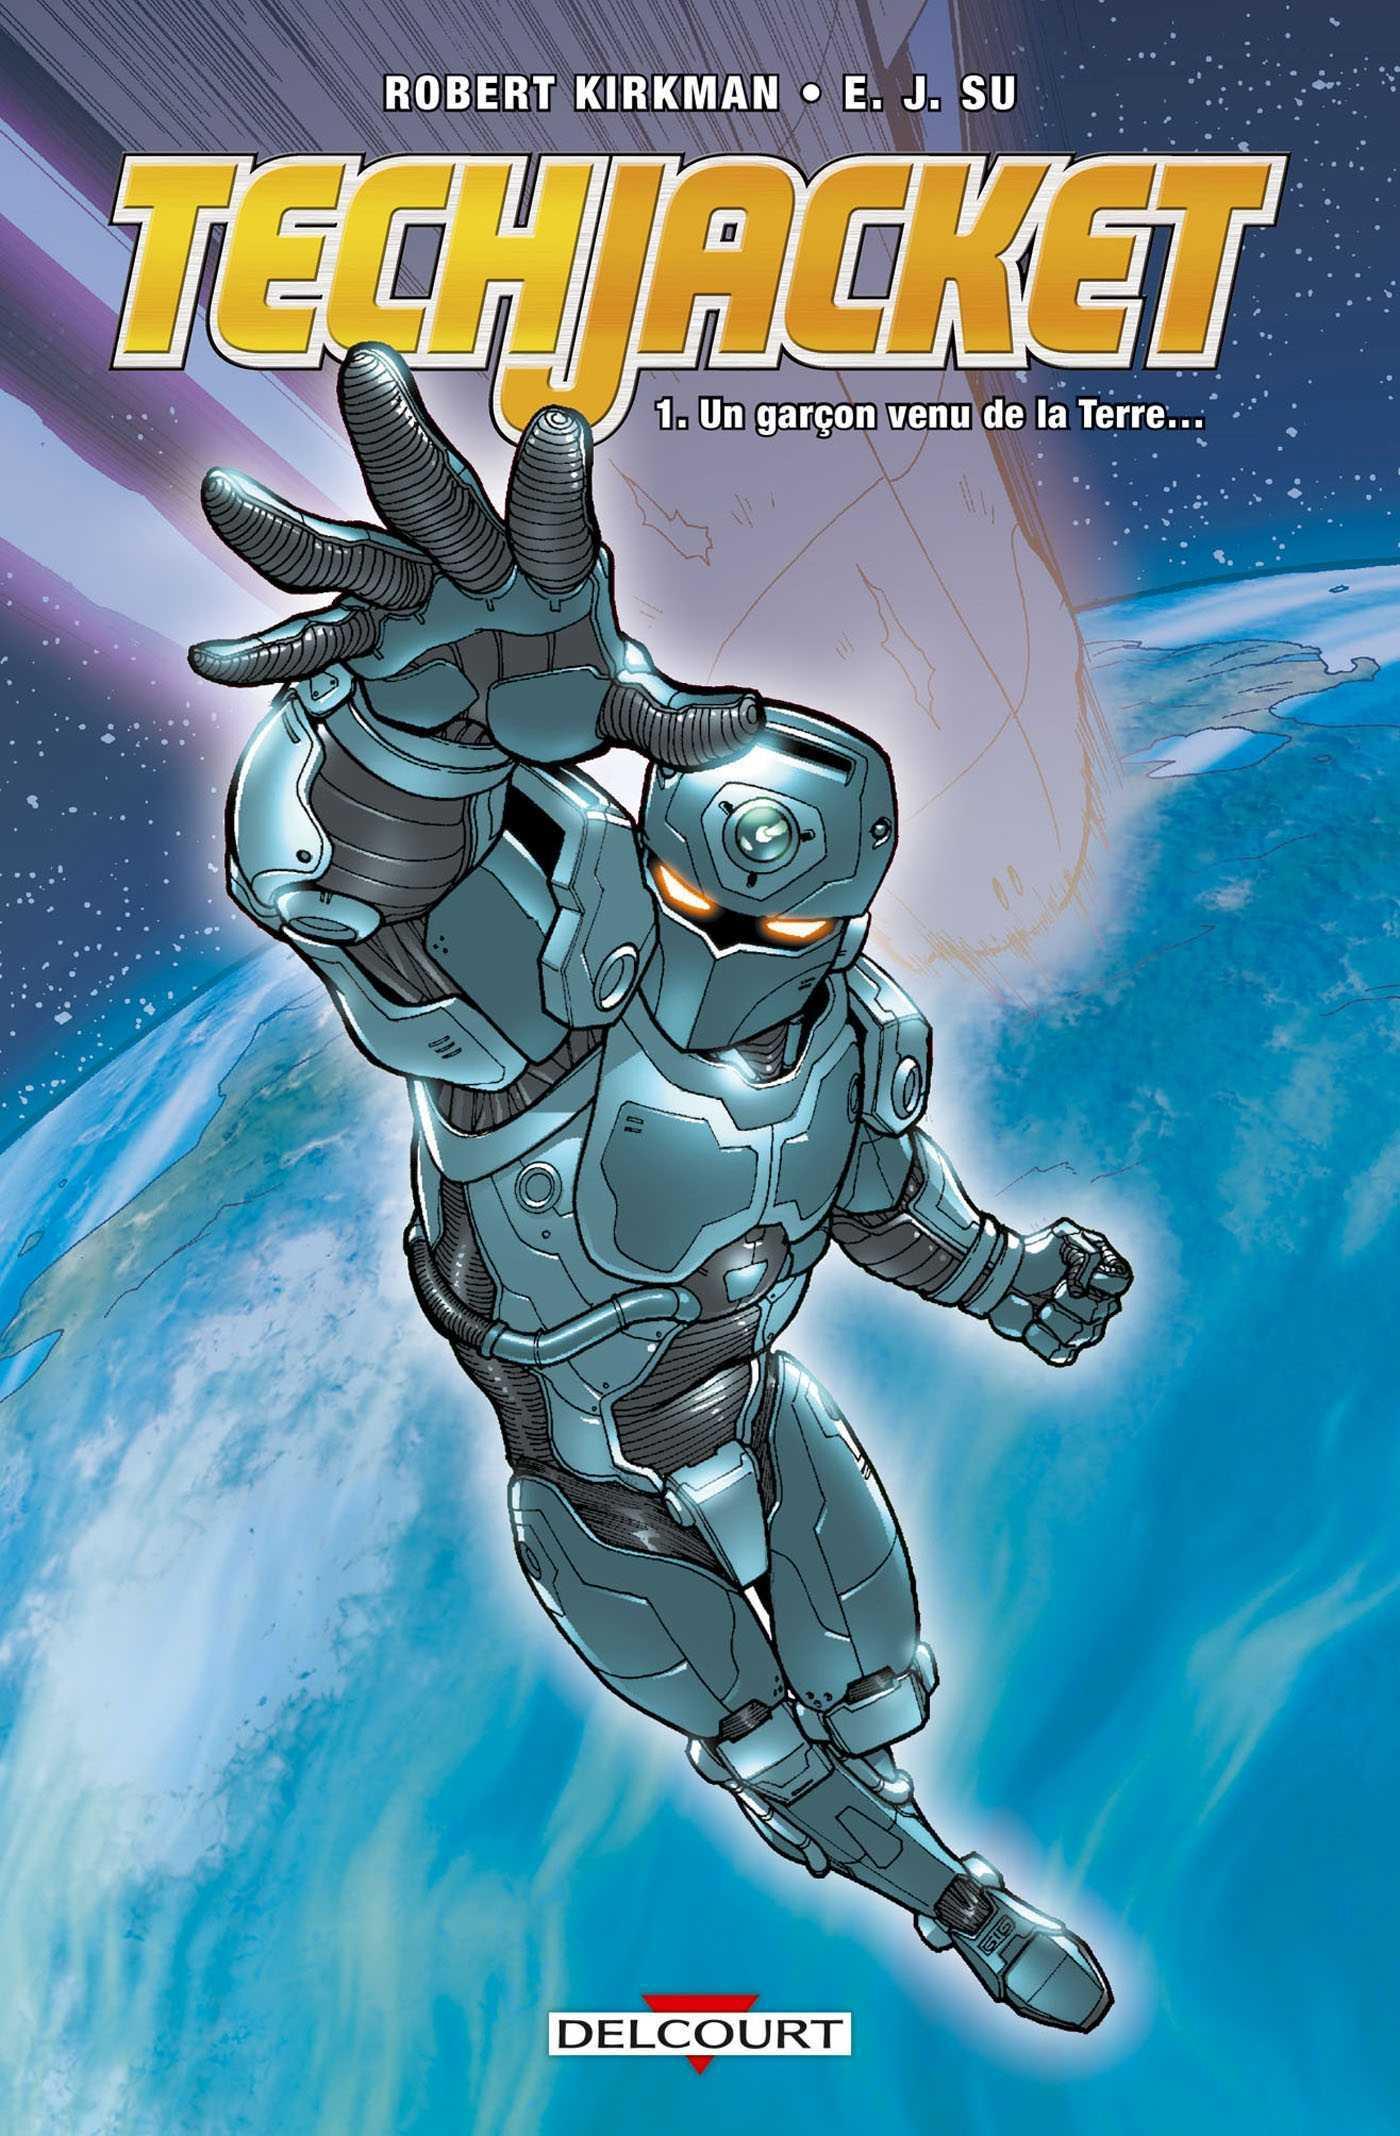 Techjacket, une armure aux super-pouvoirs